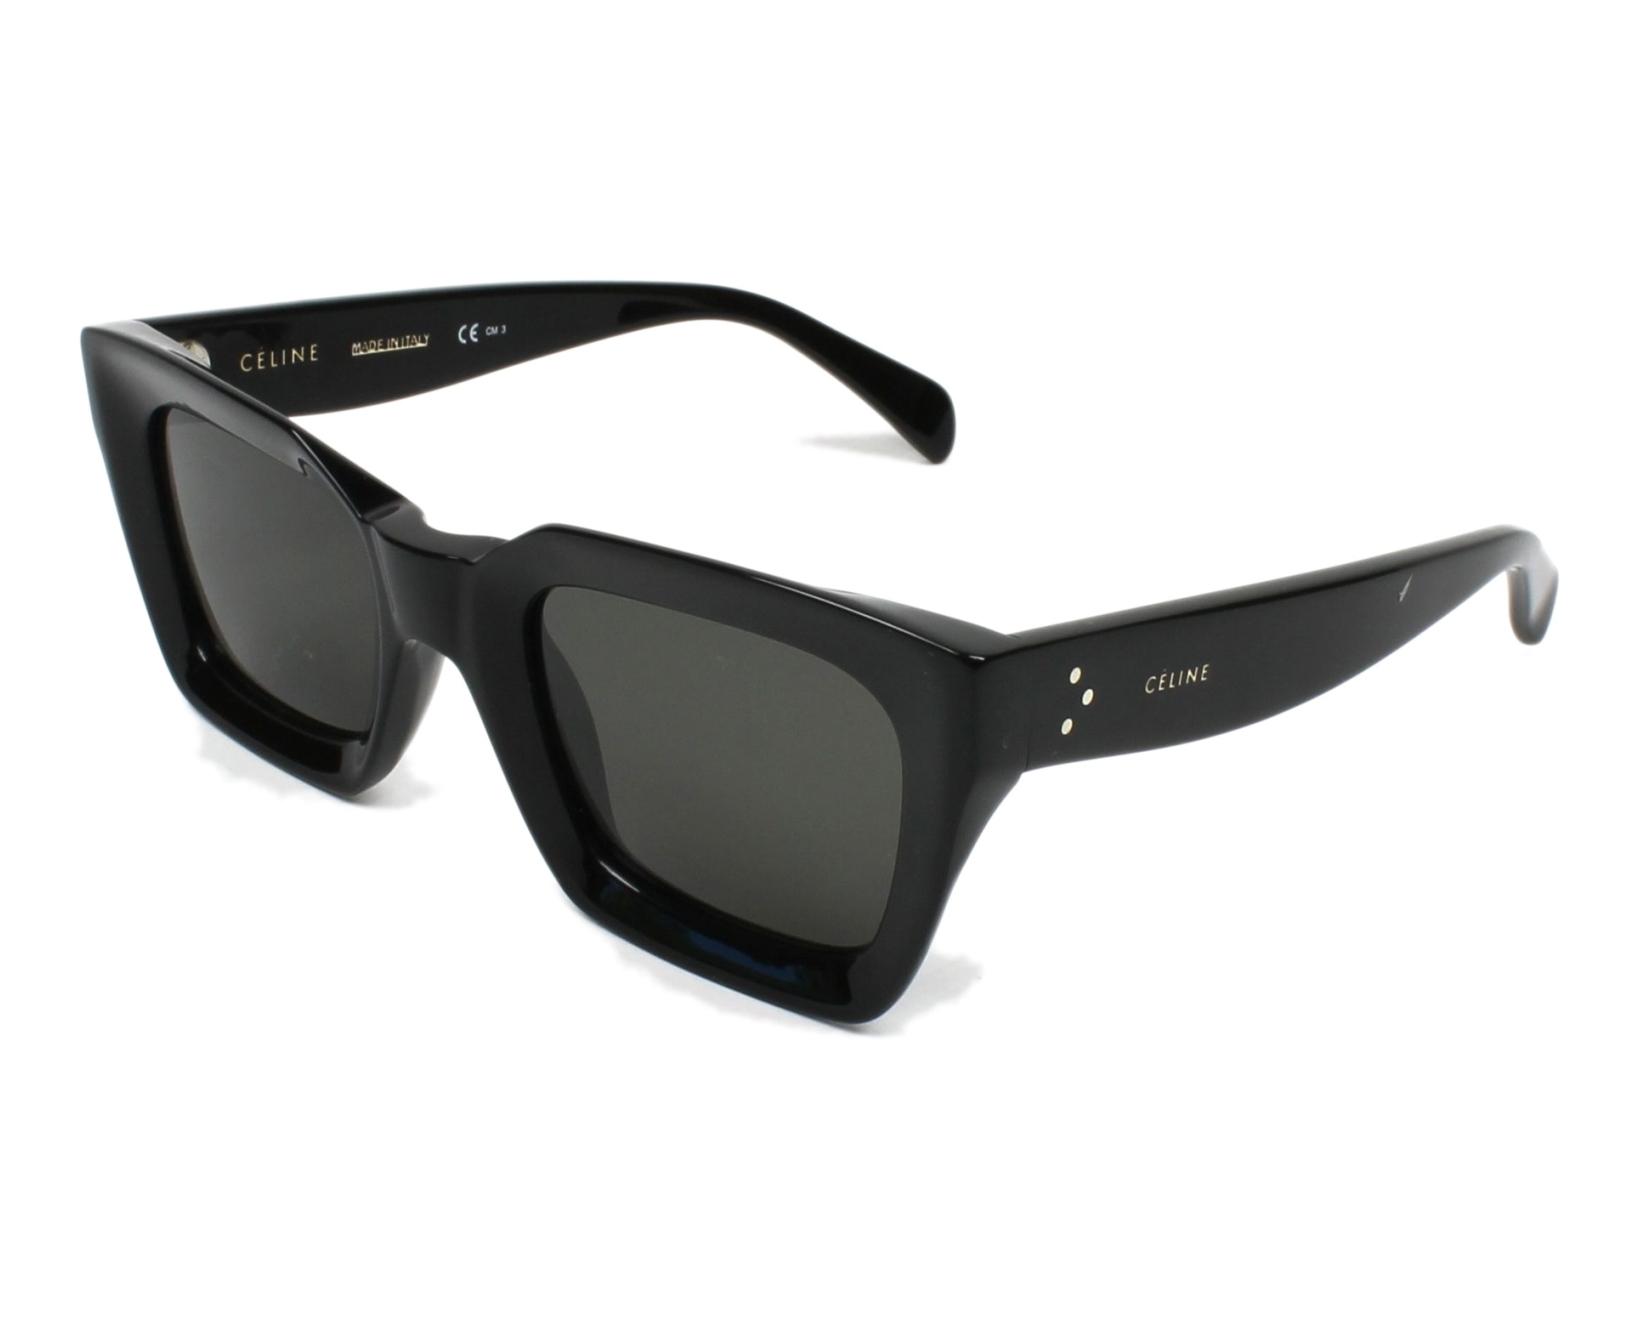 ede634a2af9 Celine Sunglasses Cl 41097 s